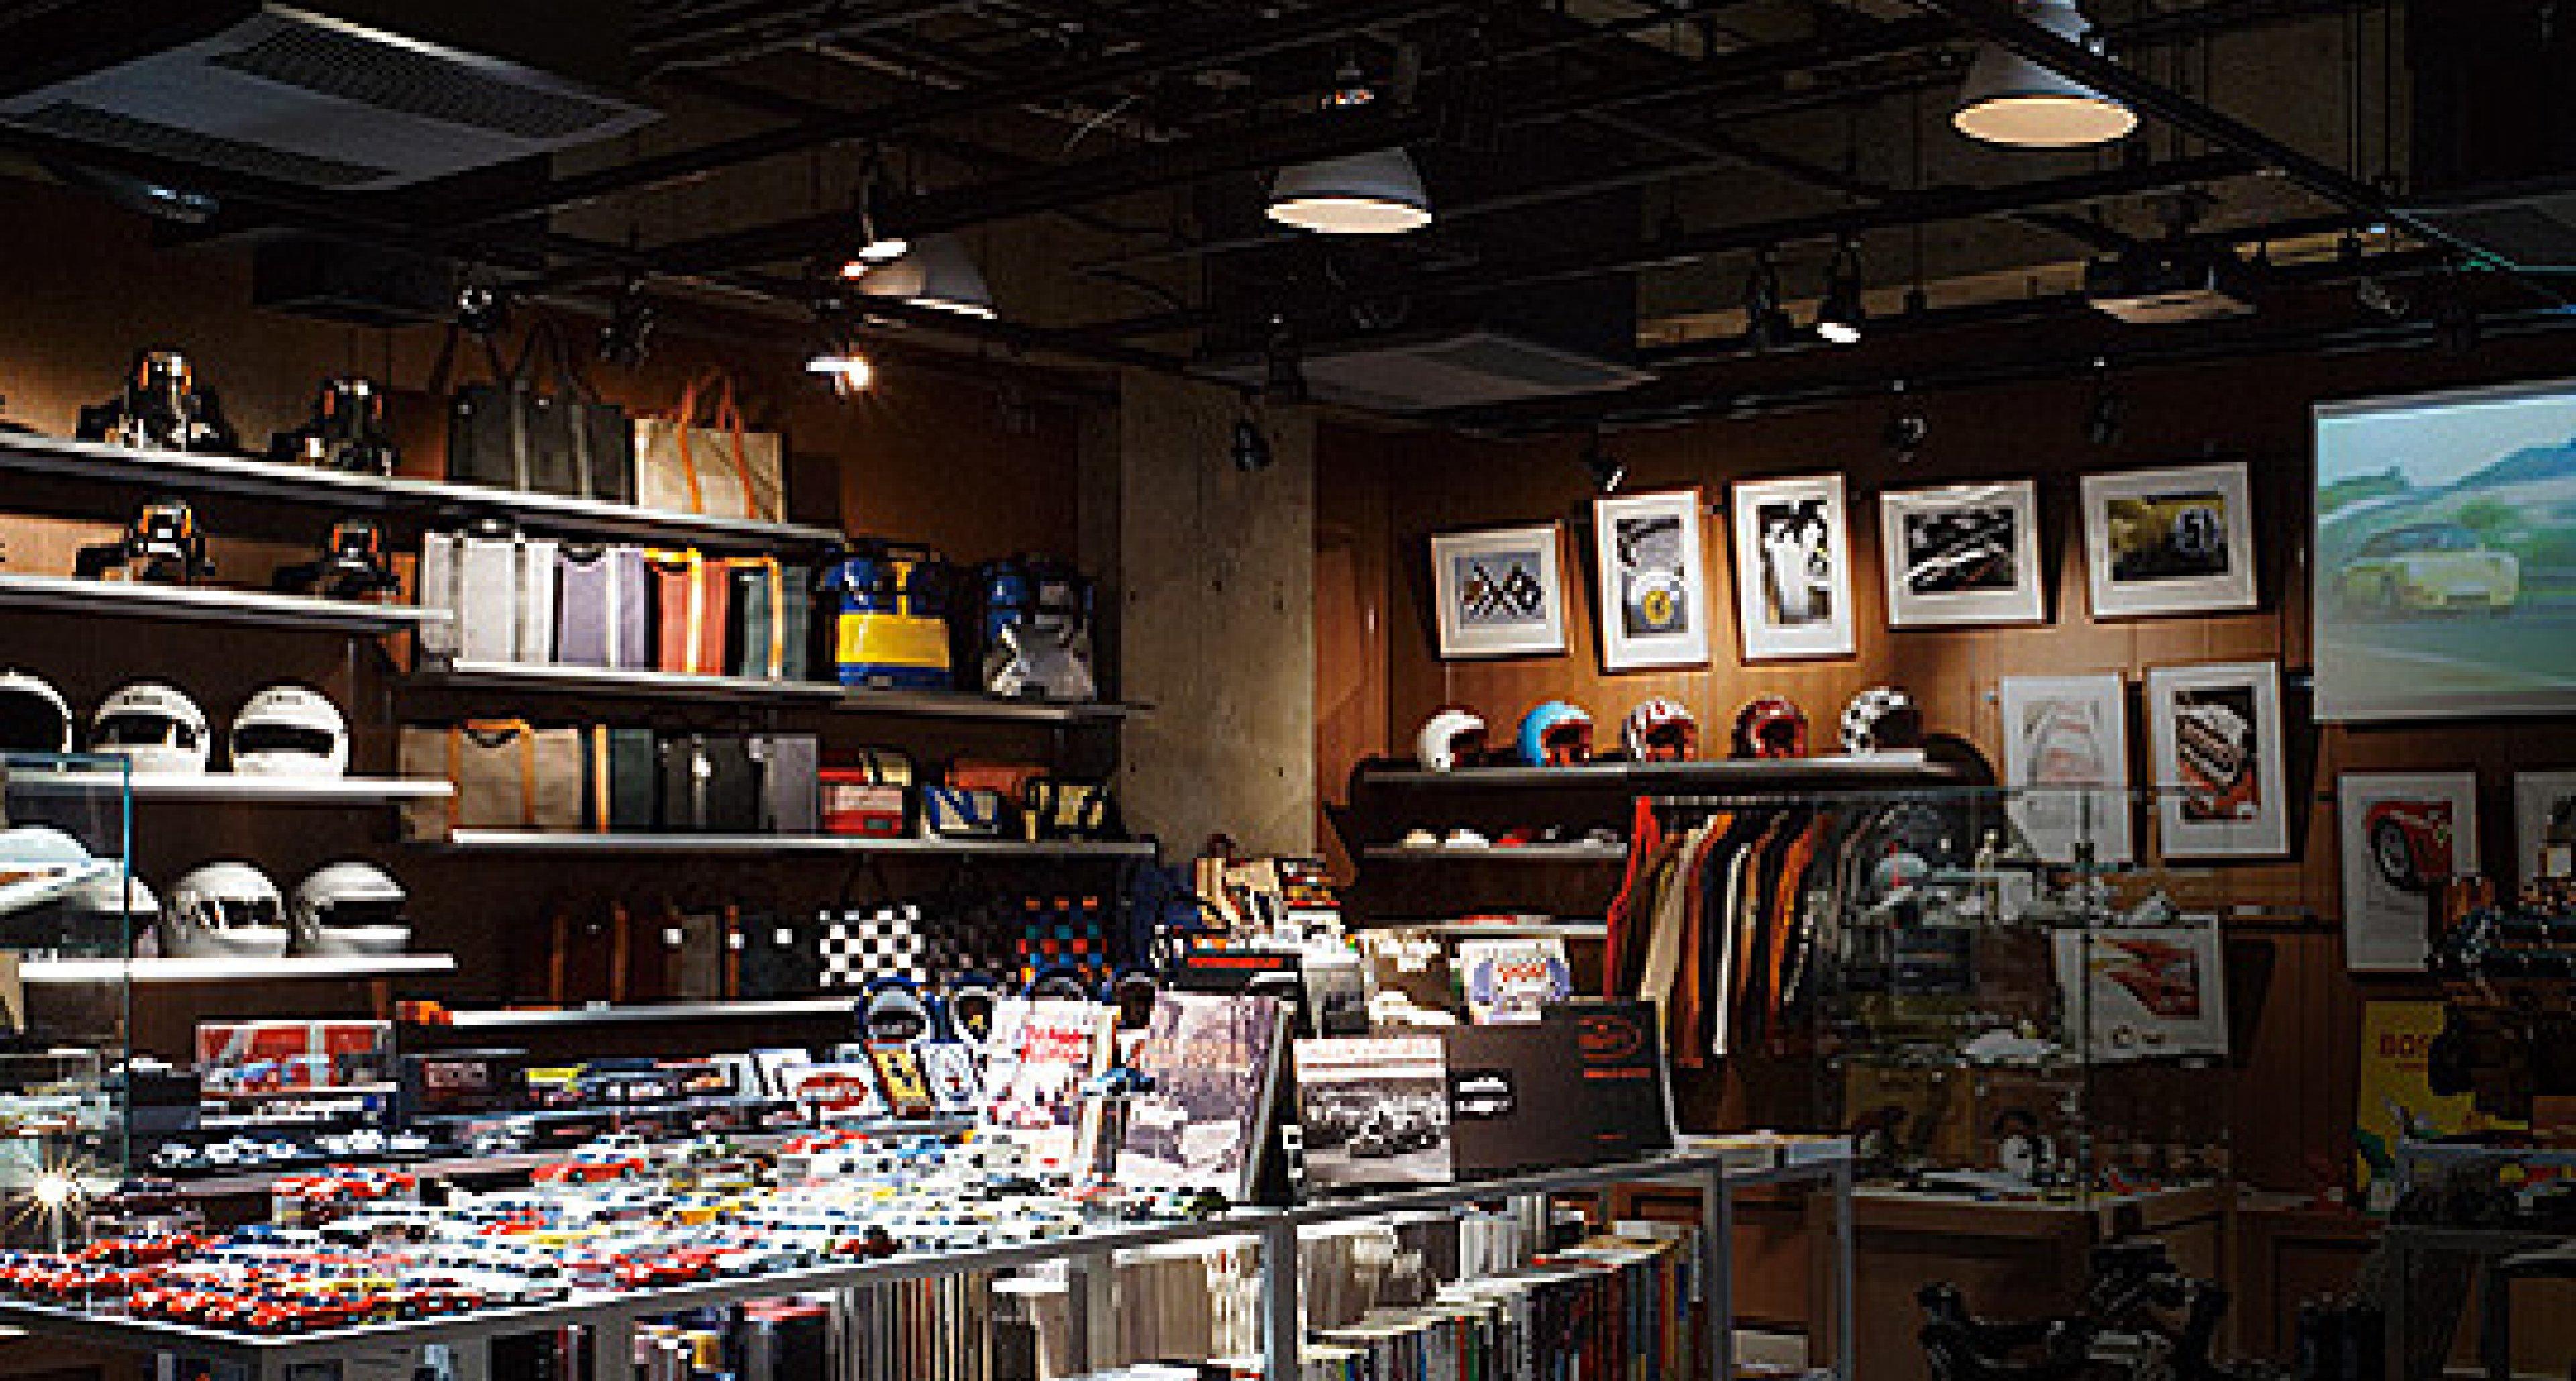 Le Garage Tokyo: Automobilia Heaven